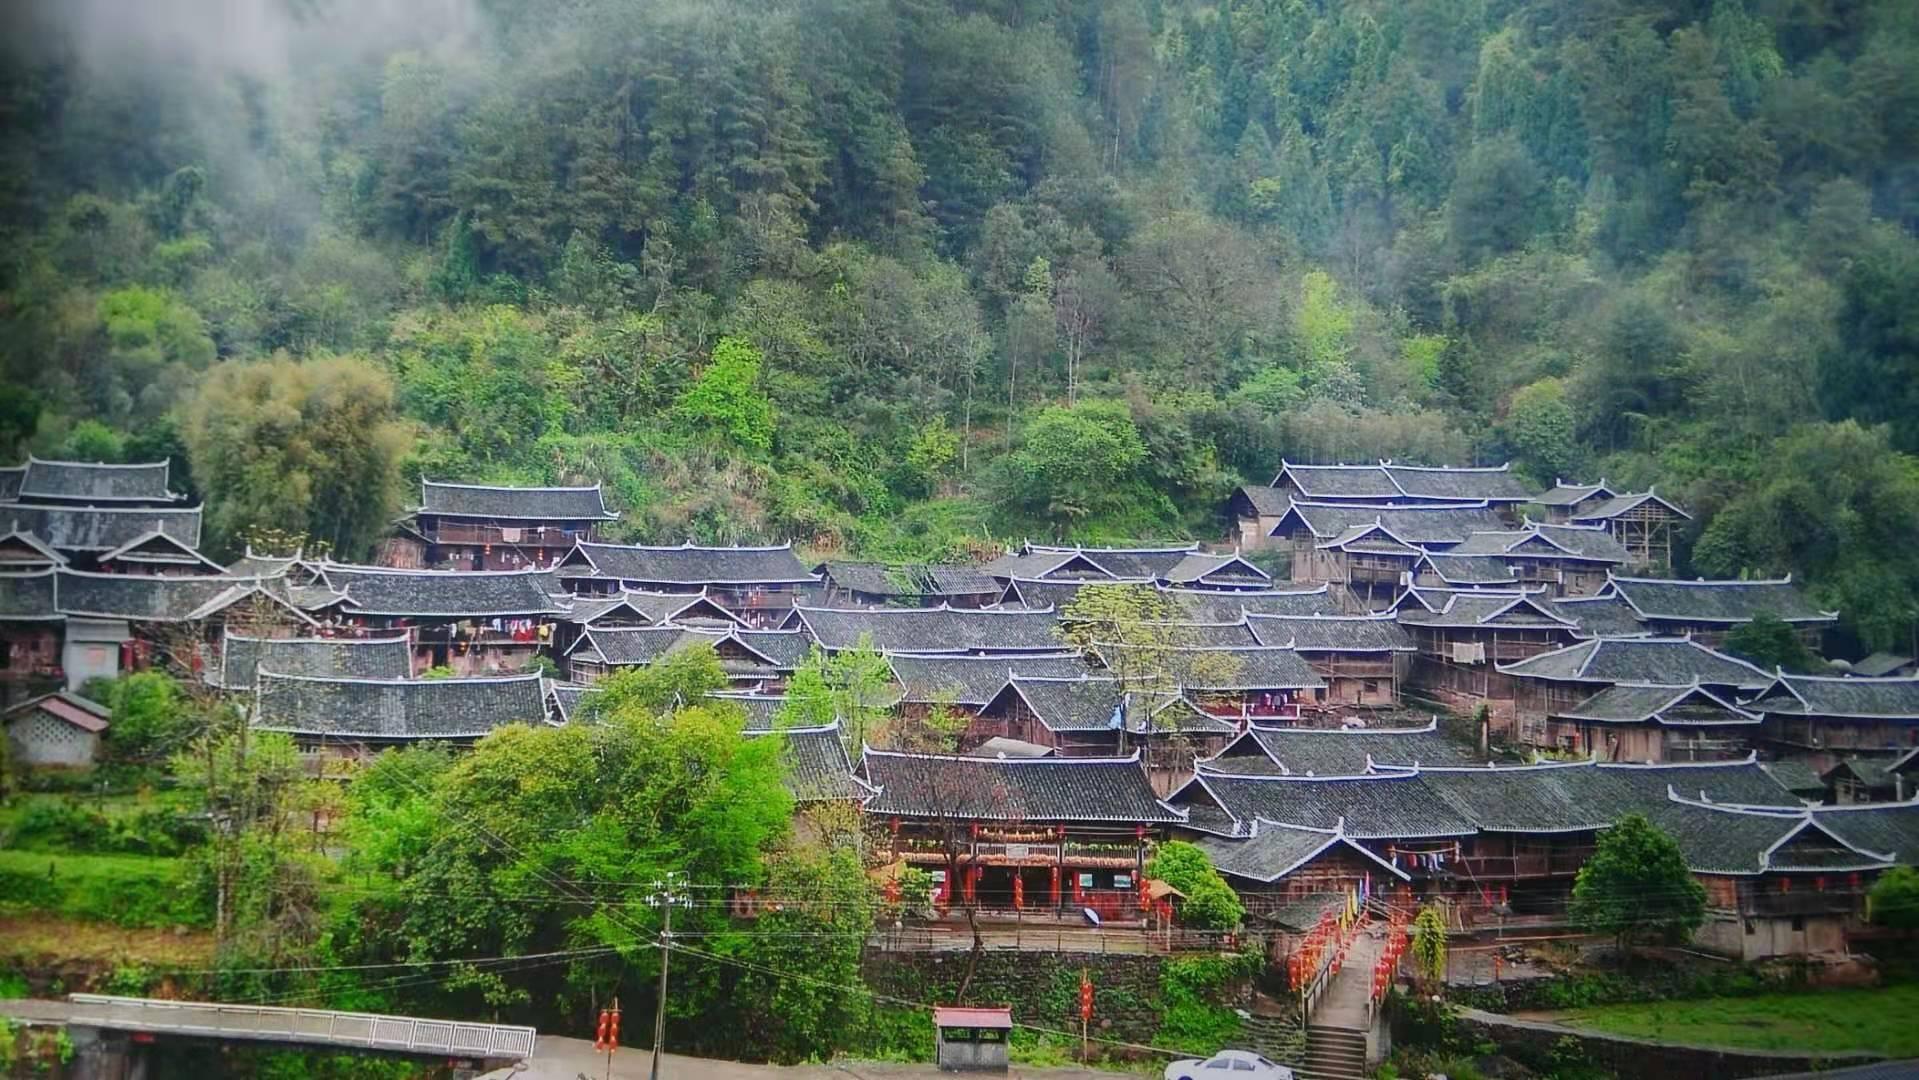 雪峰山旅游跨区域联动发展又一着妙棋